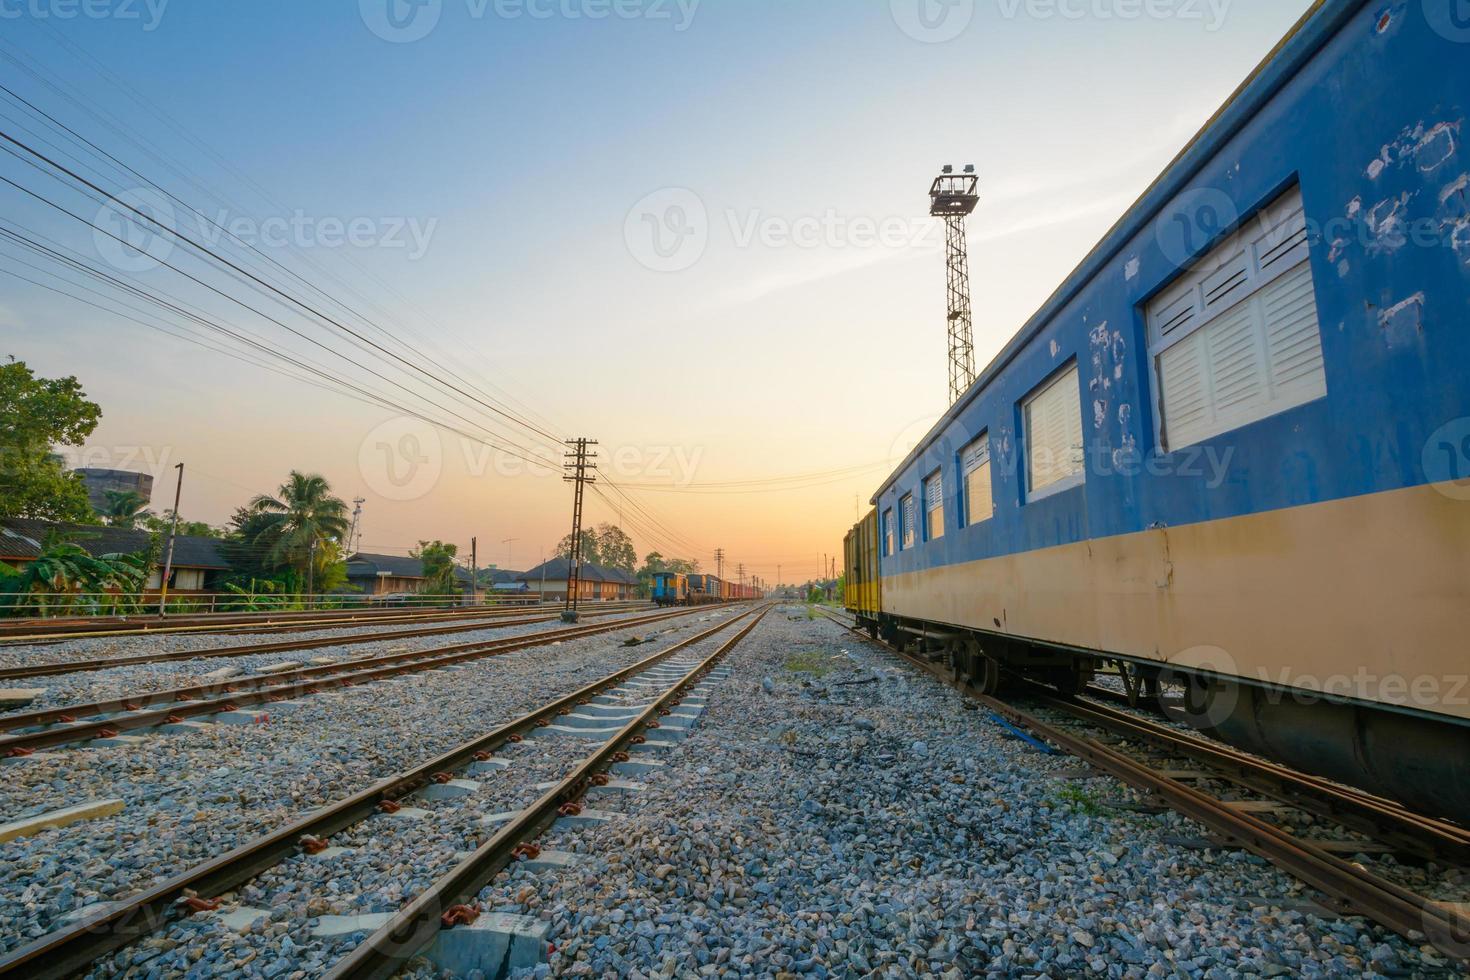 voies ferrées et voiture de train photo